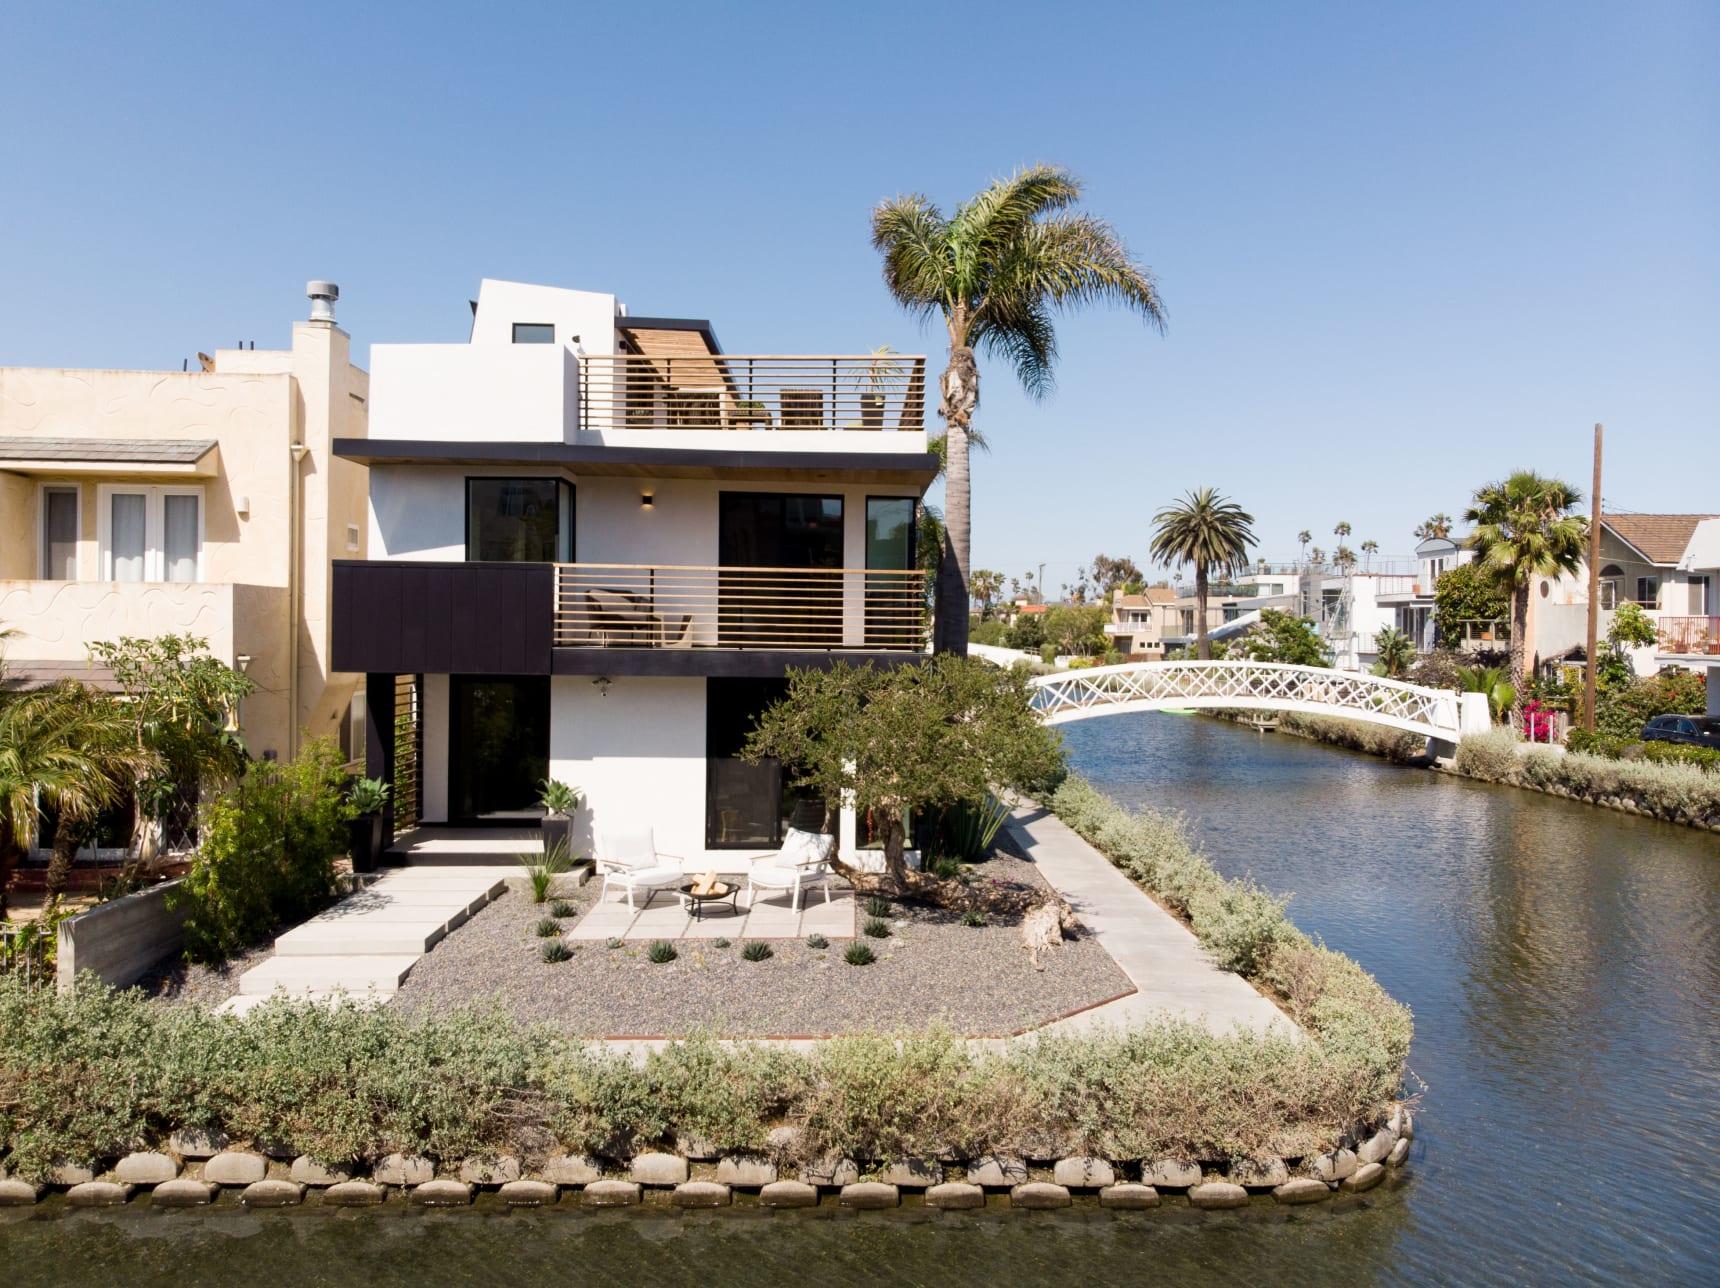 Ein Wohntraum inmitten der Kanäle von Venice Beach in Los Angeles 1